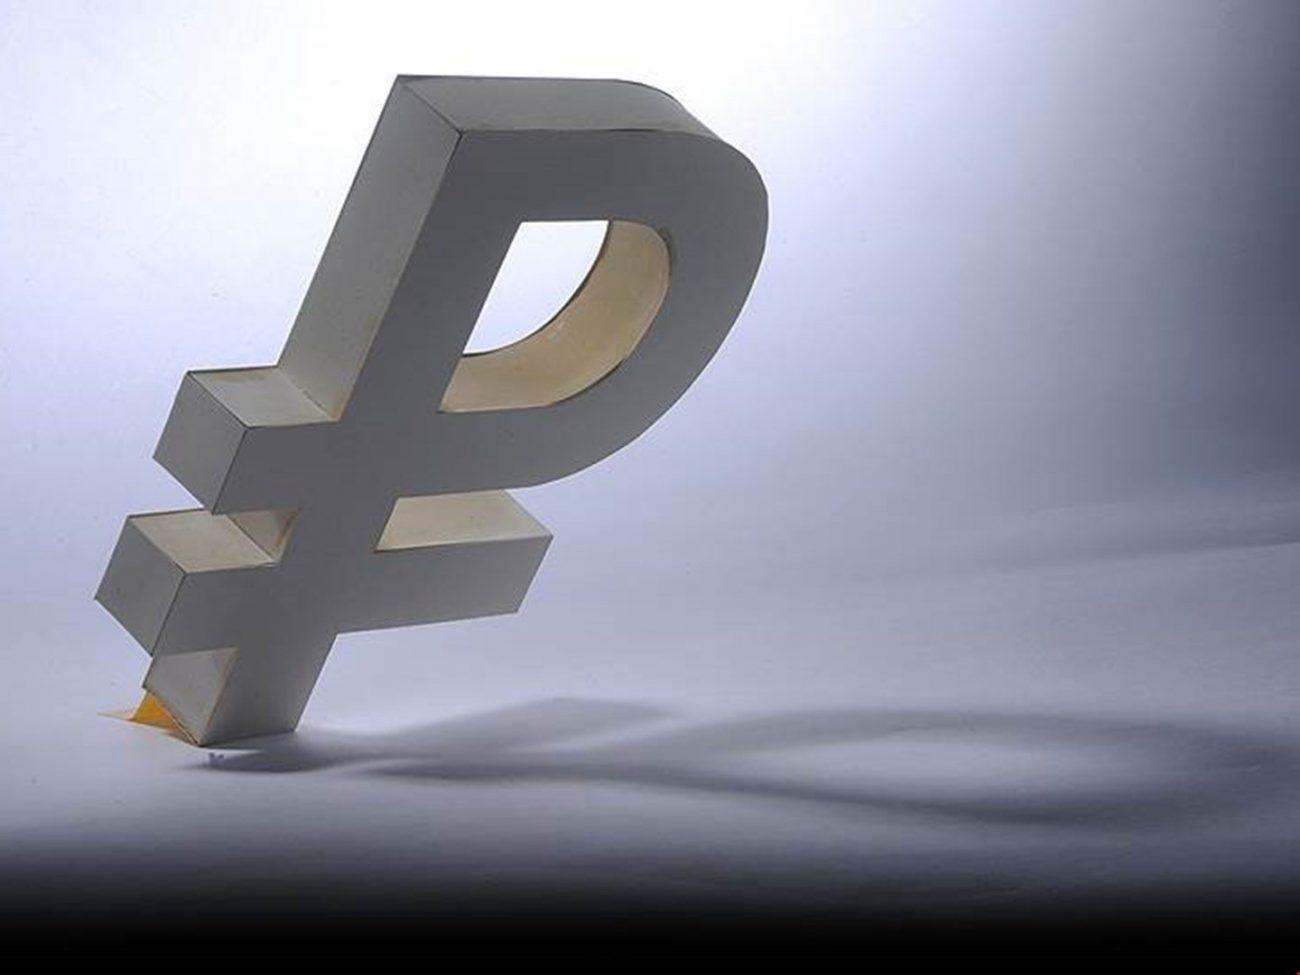 1502799587 rubl - Началось: новые санкции и обвал рубля